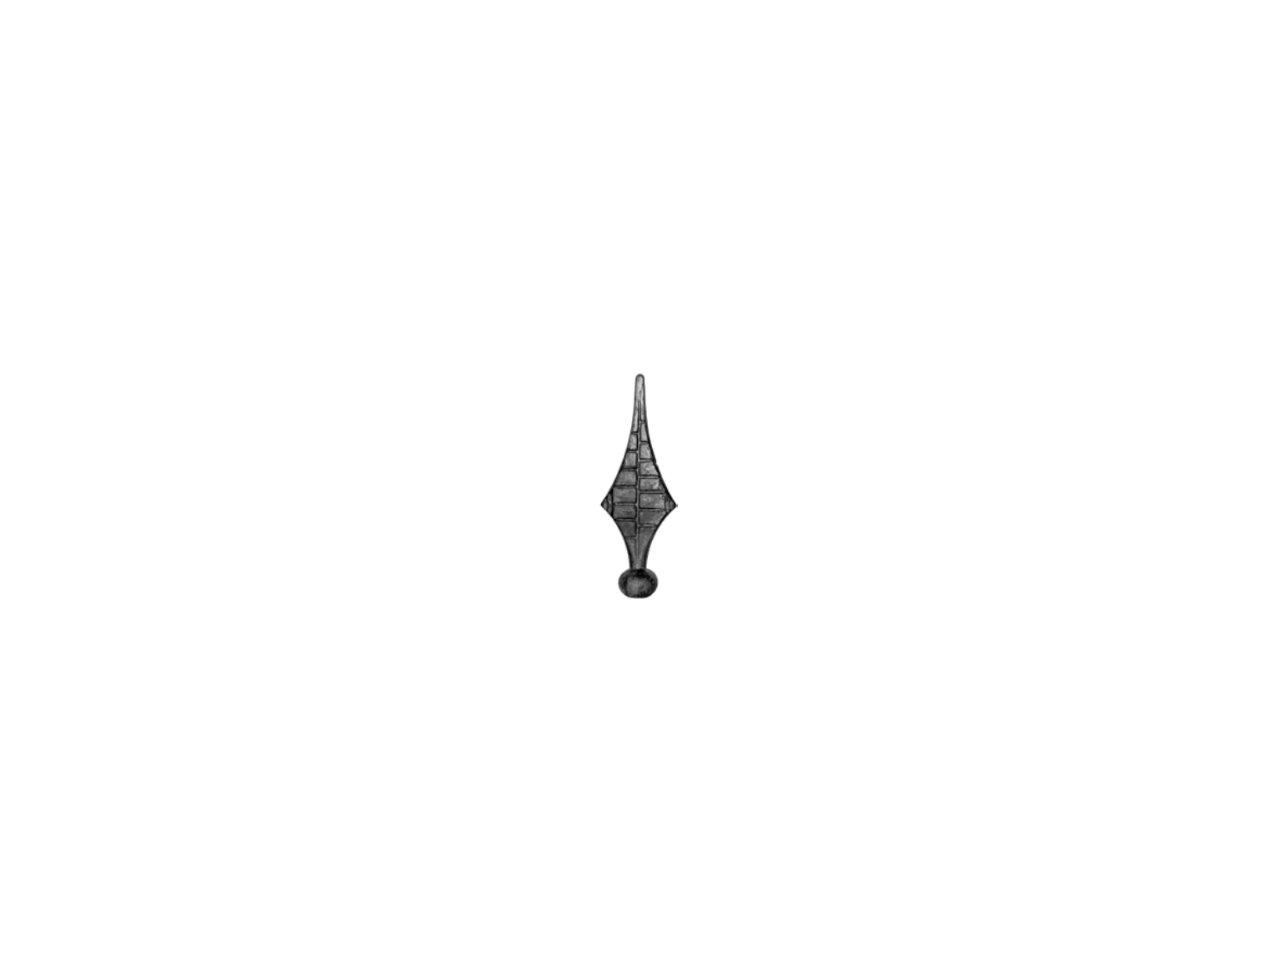 Stalowy grot kuty szpic 125mm 13.041